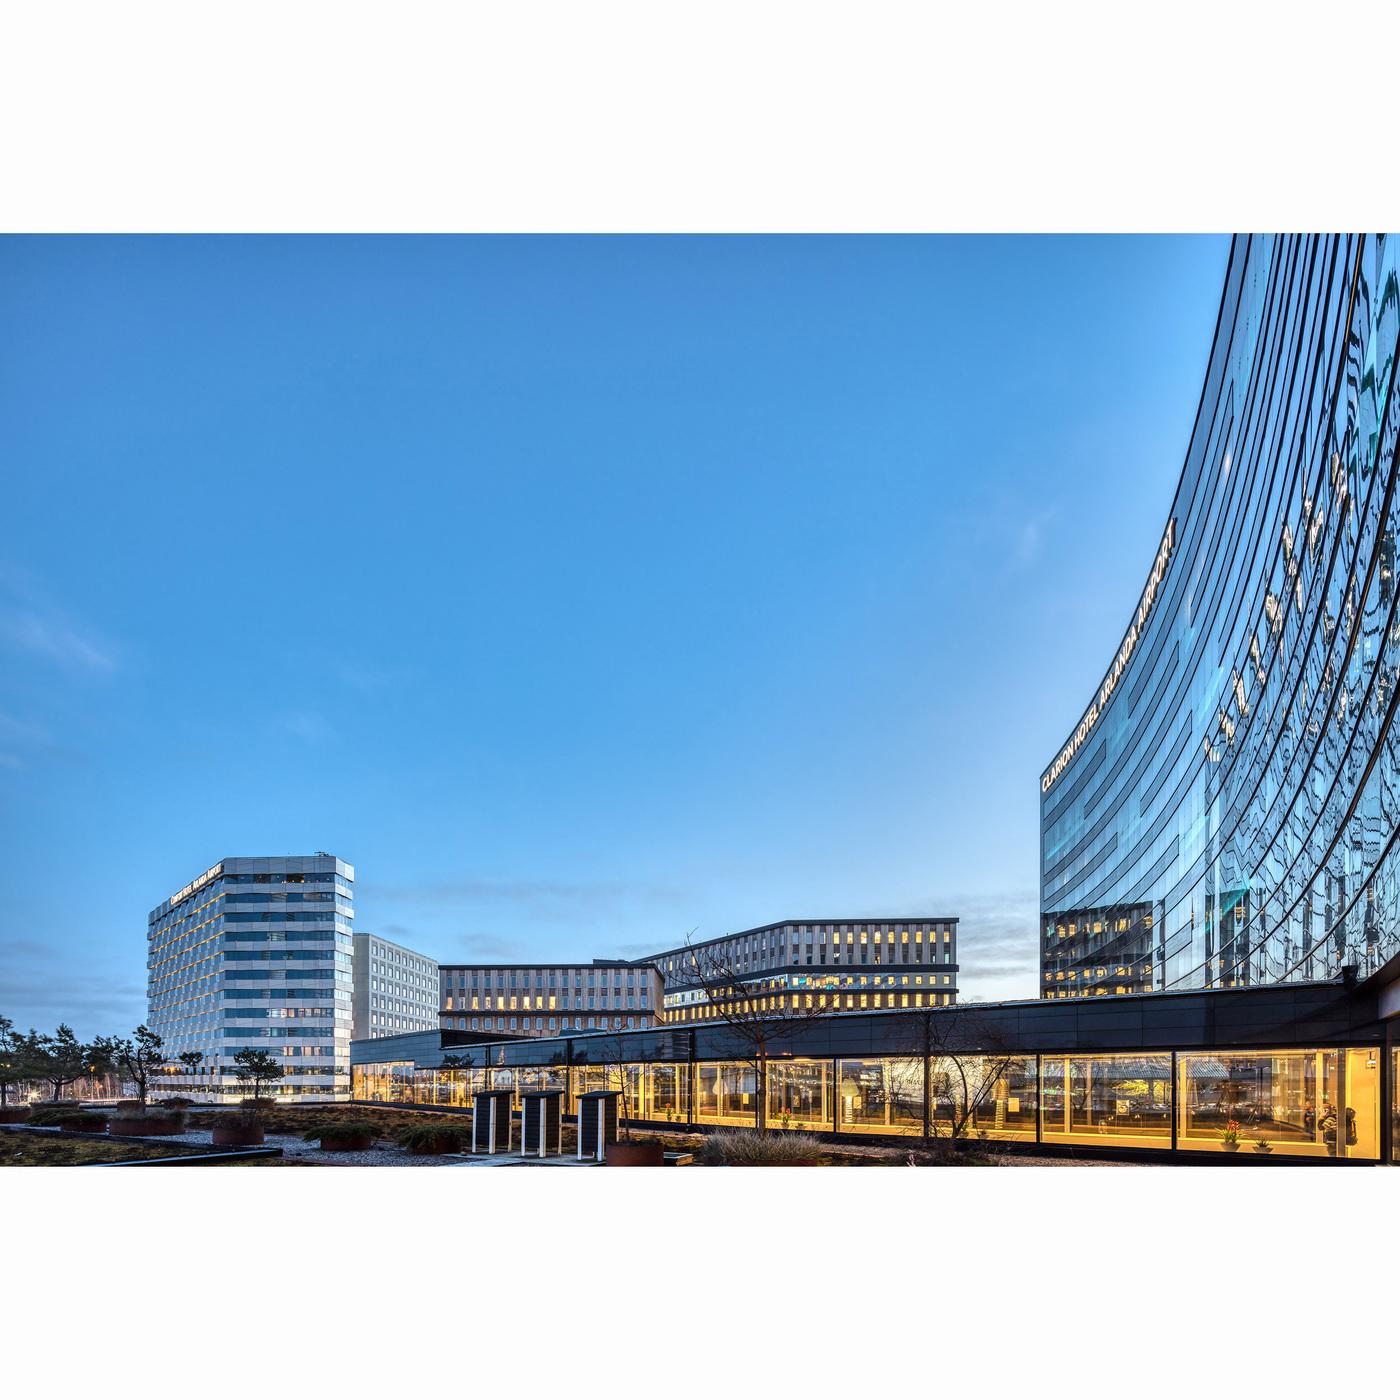 Tim Meier - Architecture